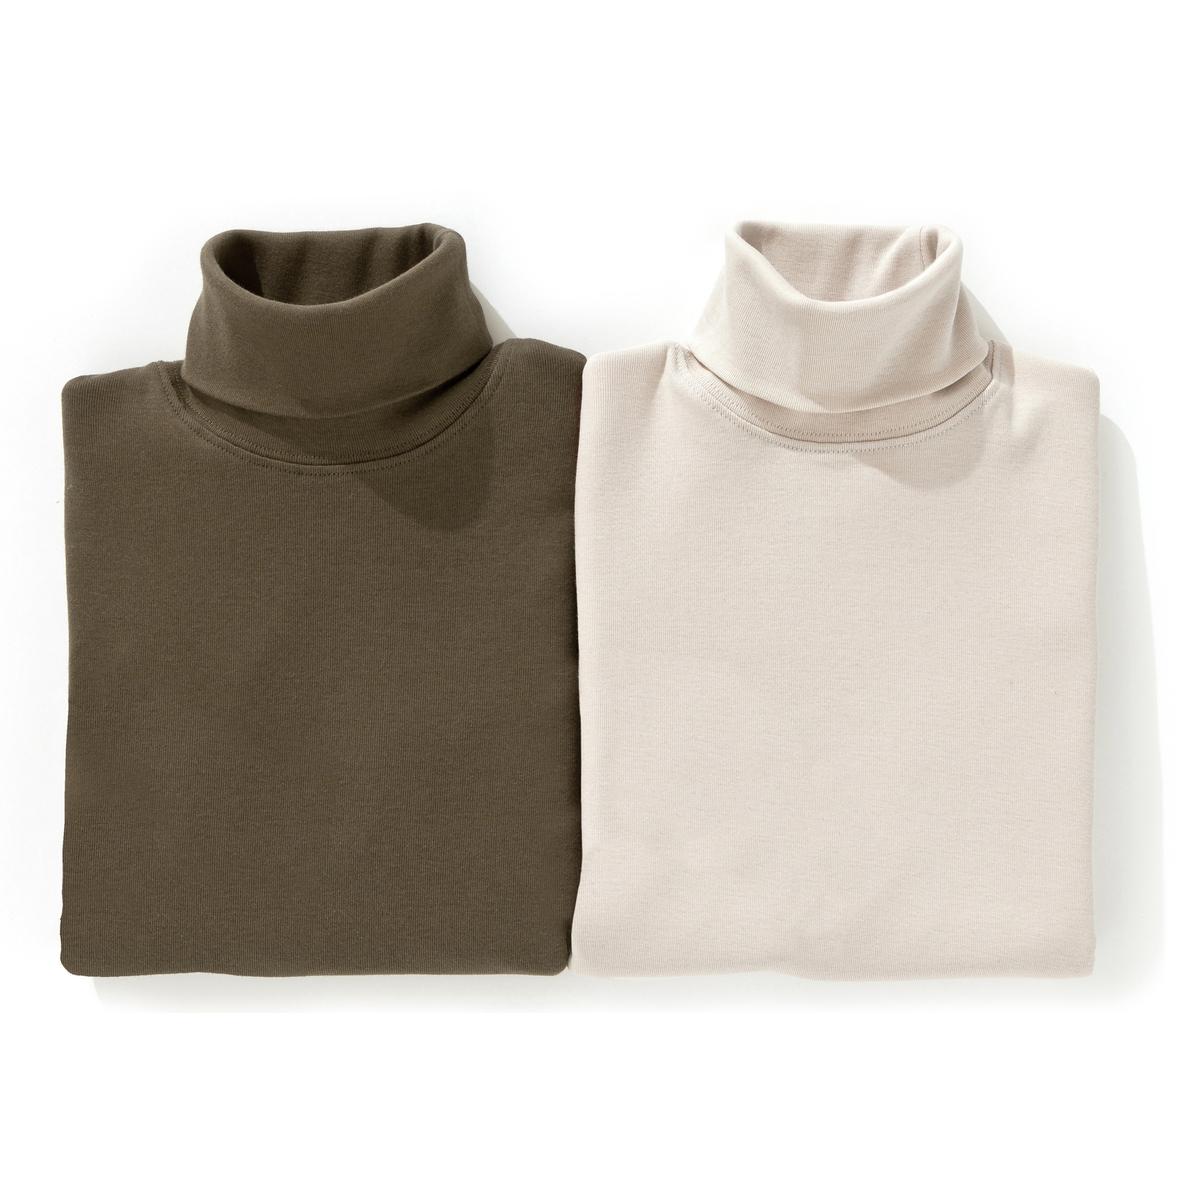 Комплект из водолазок для мальчиков, классическая модельДетали •  Длинные рукава  •  Прямой покрой  •  Воротник с отворотом Состав и уход •  100% хлопок  •  Температура стирки 30°   •  Сухая чистка и отбеливание запрещены    • Барабанная сушка на слабом режиме       •  Низкая температура глажки<br><br>Цвет: бежевый + хаки,бордовый + темно-серый меланж,каштан + экрю,красный + серый меланж,синий+темно-синий,черный + серый меланж<br>Размер: 10 лет - 138 см.6 лет - 114 см.4 года - 102 см.6 лет - 114 см.10 лет - 138 см.12 лет -150 см.12 лет -150 см.10 лет - 138 см.6 лет - 114 см